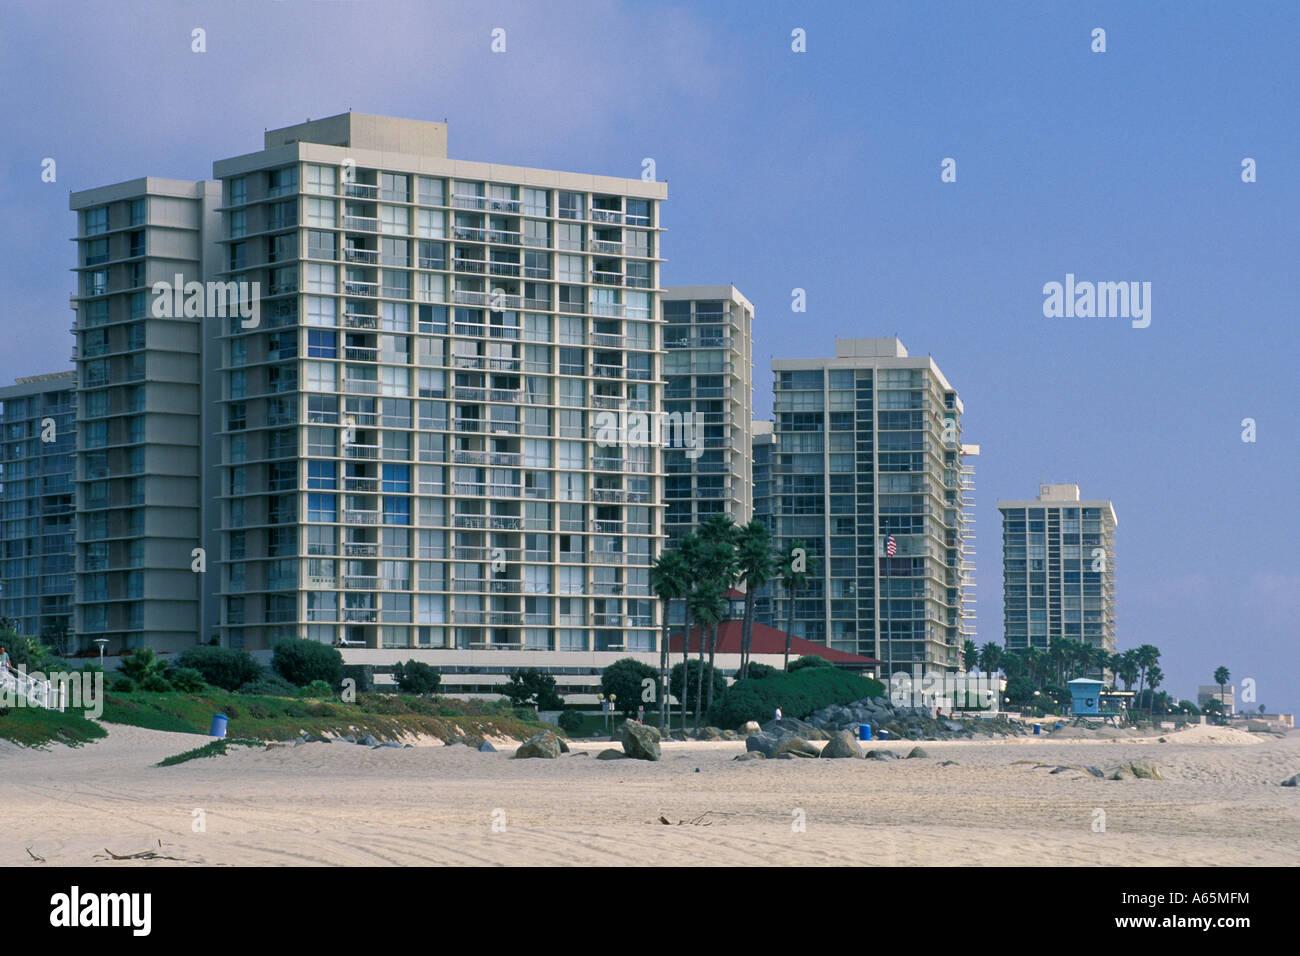 Apartment buildings along coronado beach coronado san diego county stock photo royalty free - Apartment buildings san diego ...